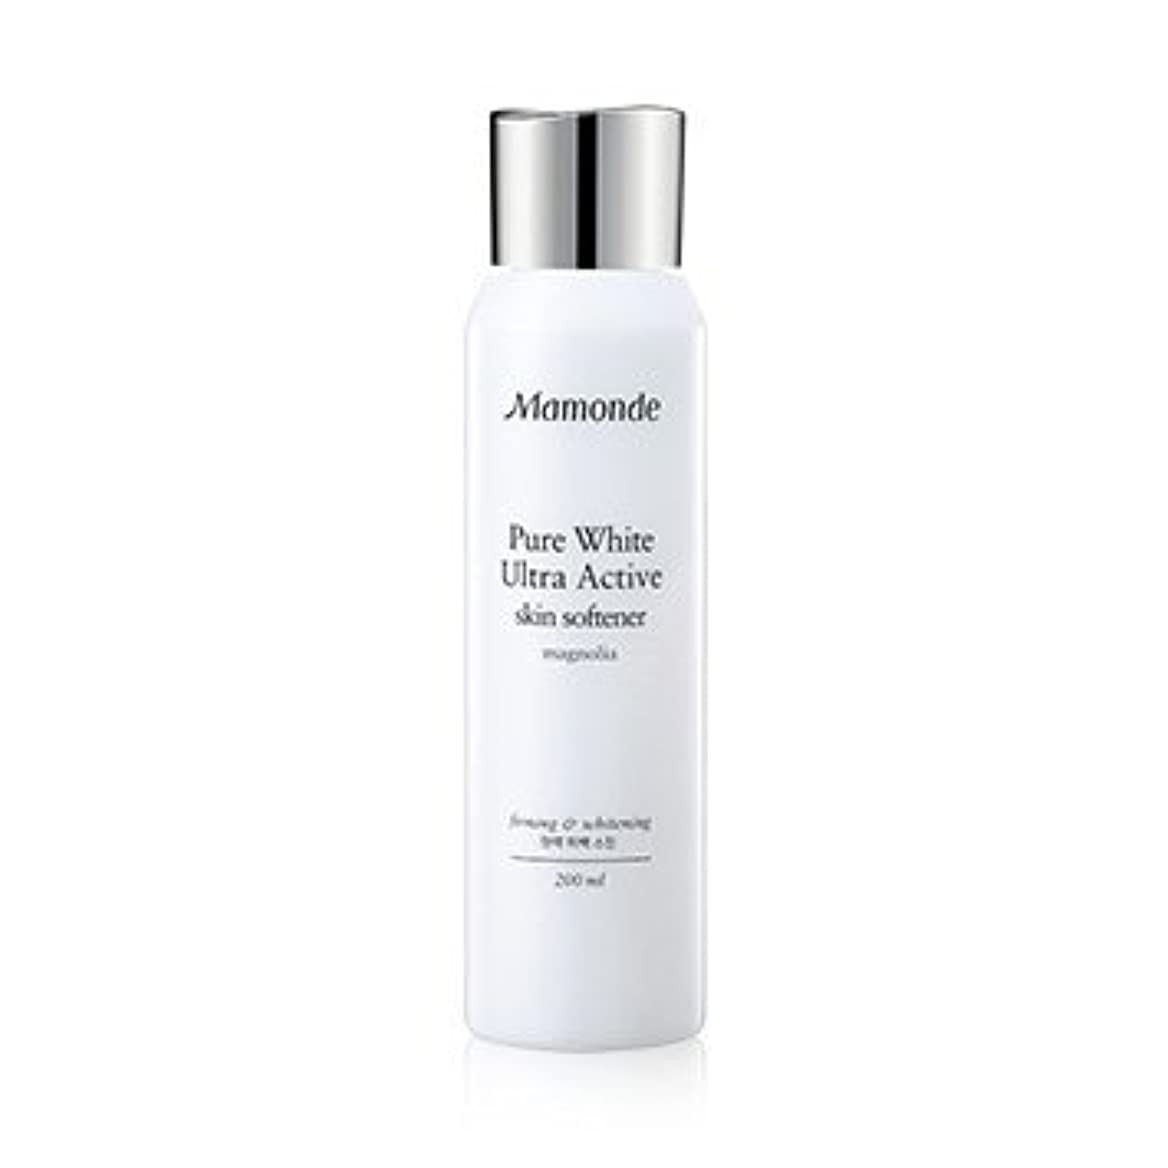 大陸申し込むデッドMamonde Pure White Ultra Active Skin Softener 200ml/マモンド ピュア ホワイト ウルトラ アクティブ スキン ソフナー 200ml [並行輸入品]